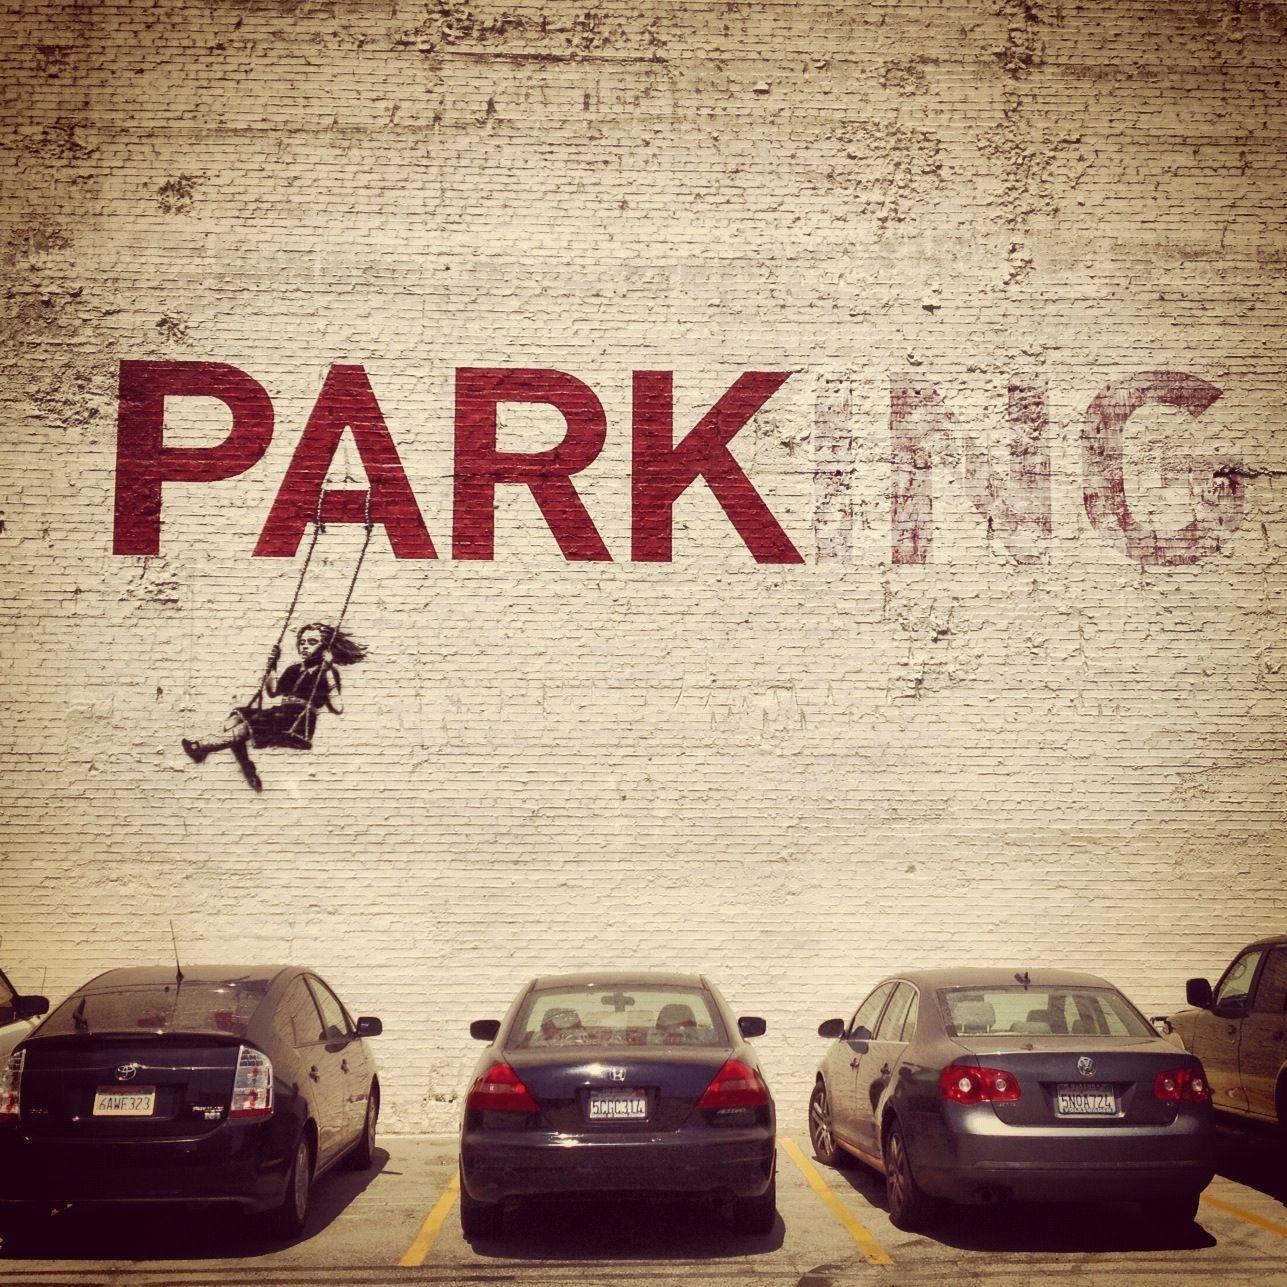 Œuvre Par Banksy à Los Angeles